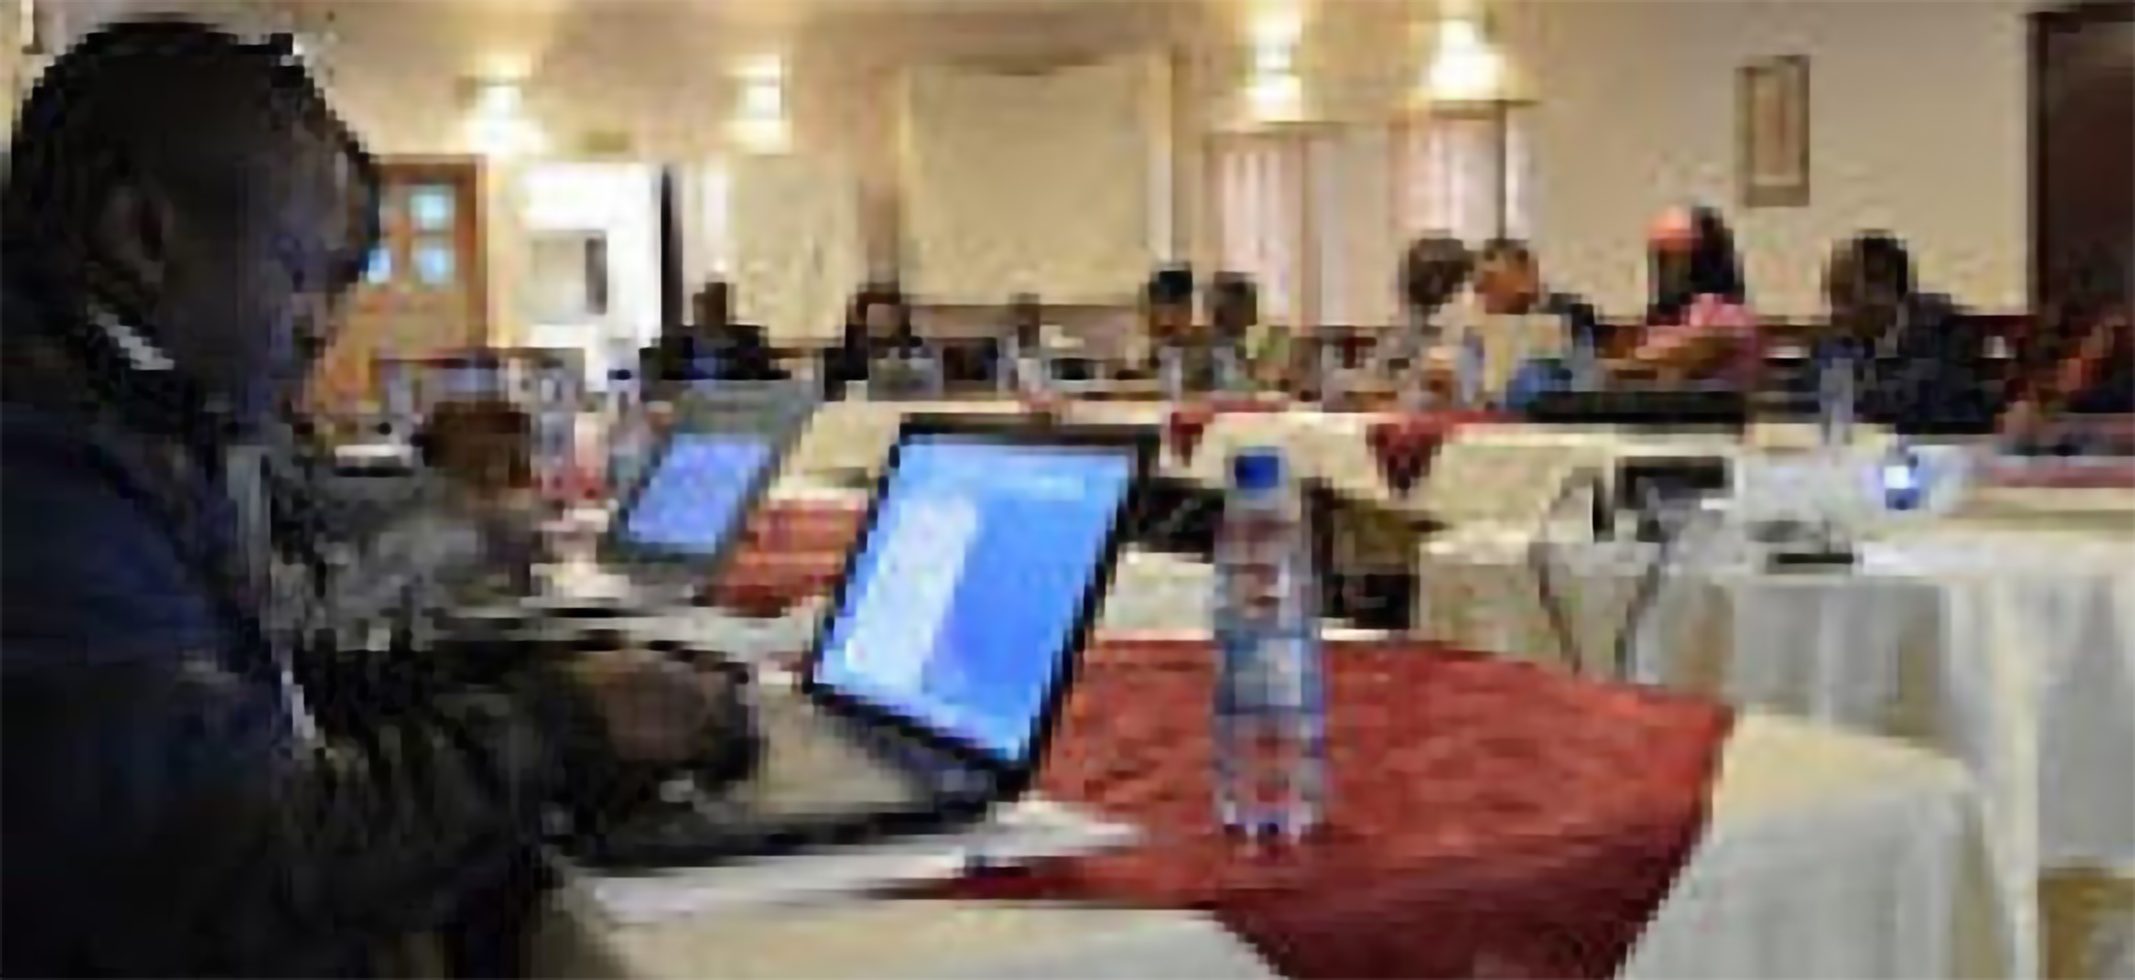 Consultation sous-régionale pour l'Afrique Centrale du groupe de travail sur les industries extractives, l'environnement et les violations des droits de l'homme en Afrique.